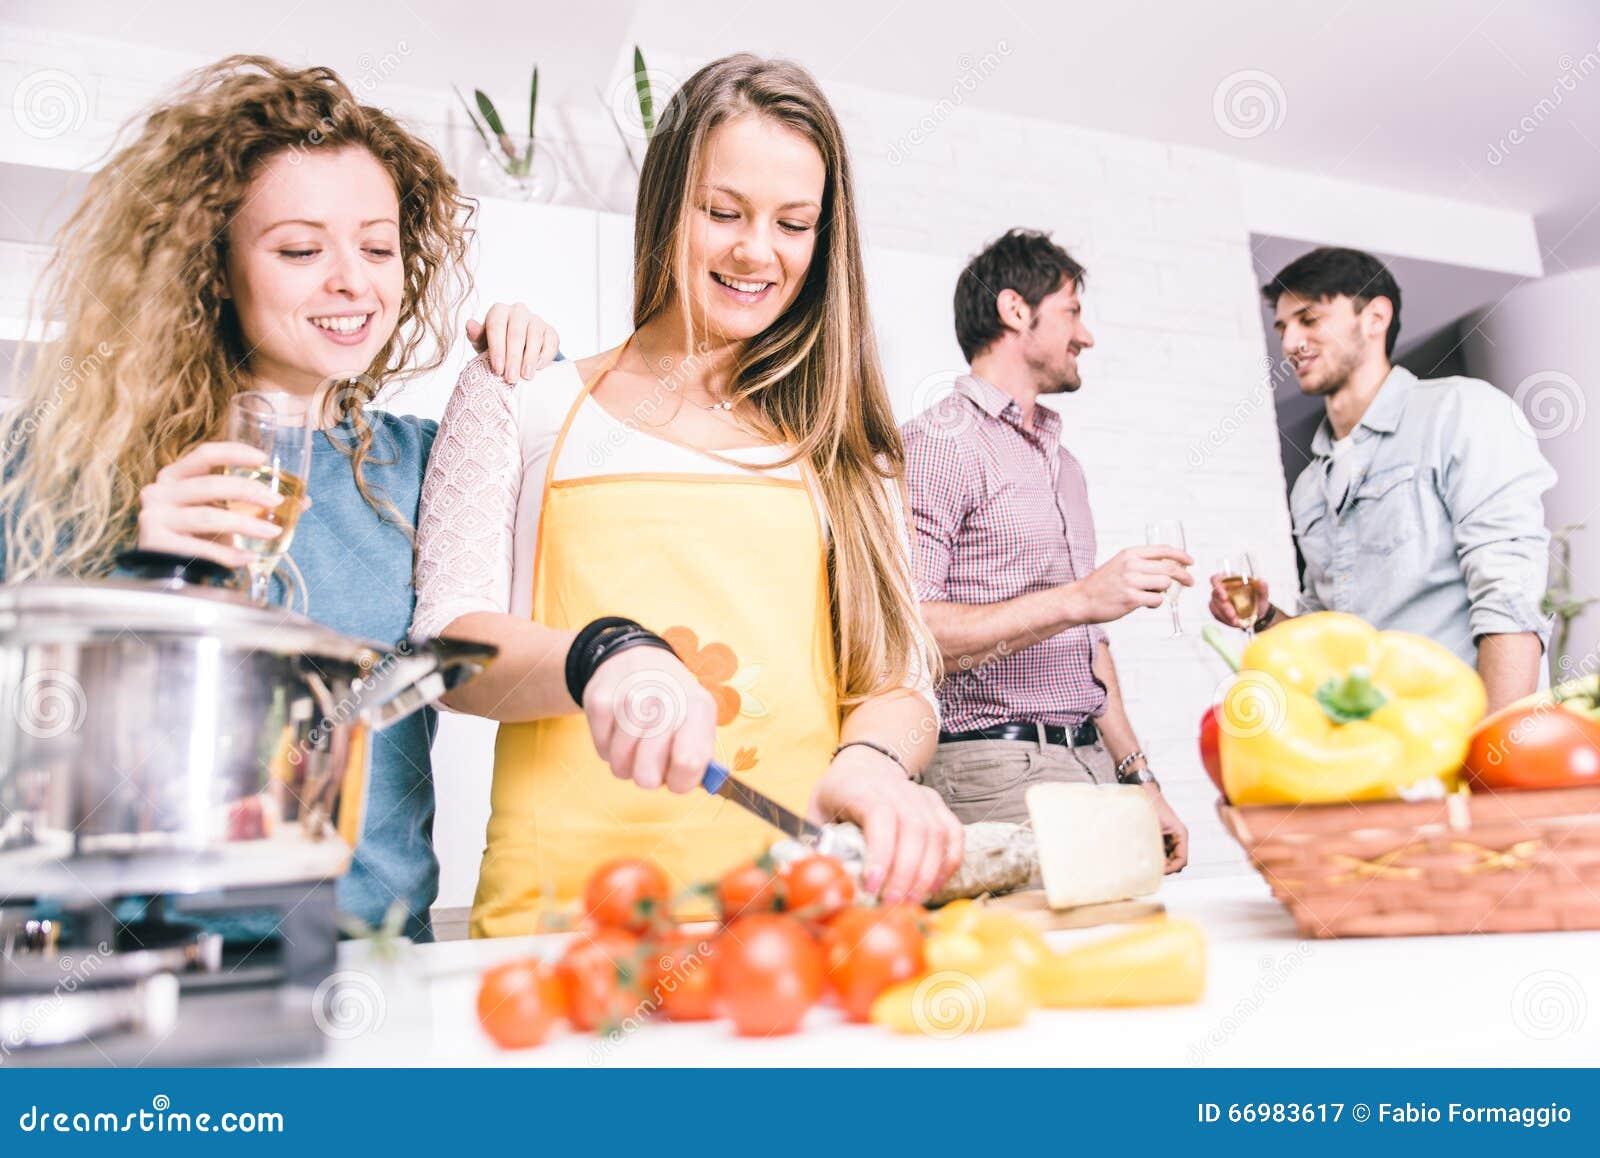 gruppe freunde die zu hause kochen um zu abend zu essen zusammen stockbild bild von freund. Black Bedroom Furniture Sets. Home Design Ideas